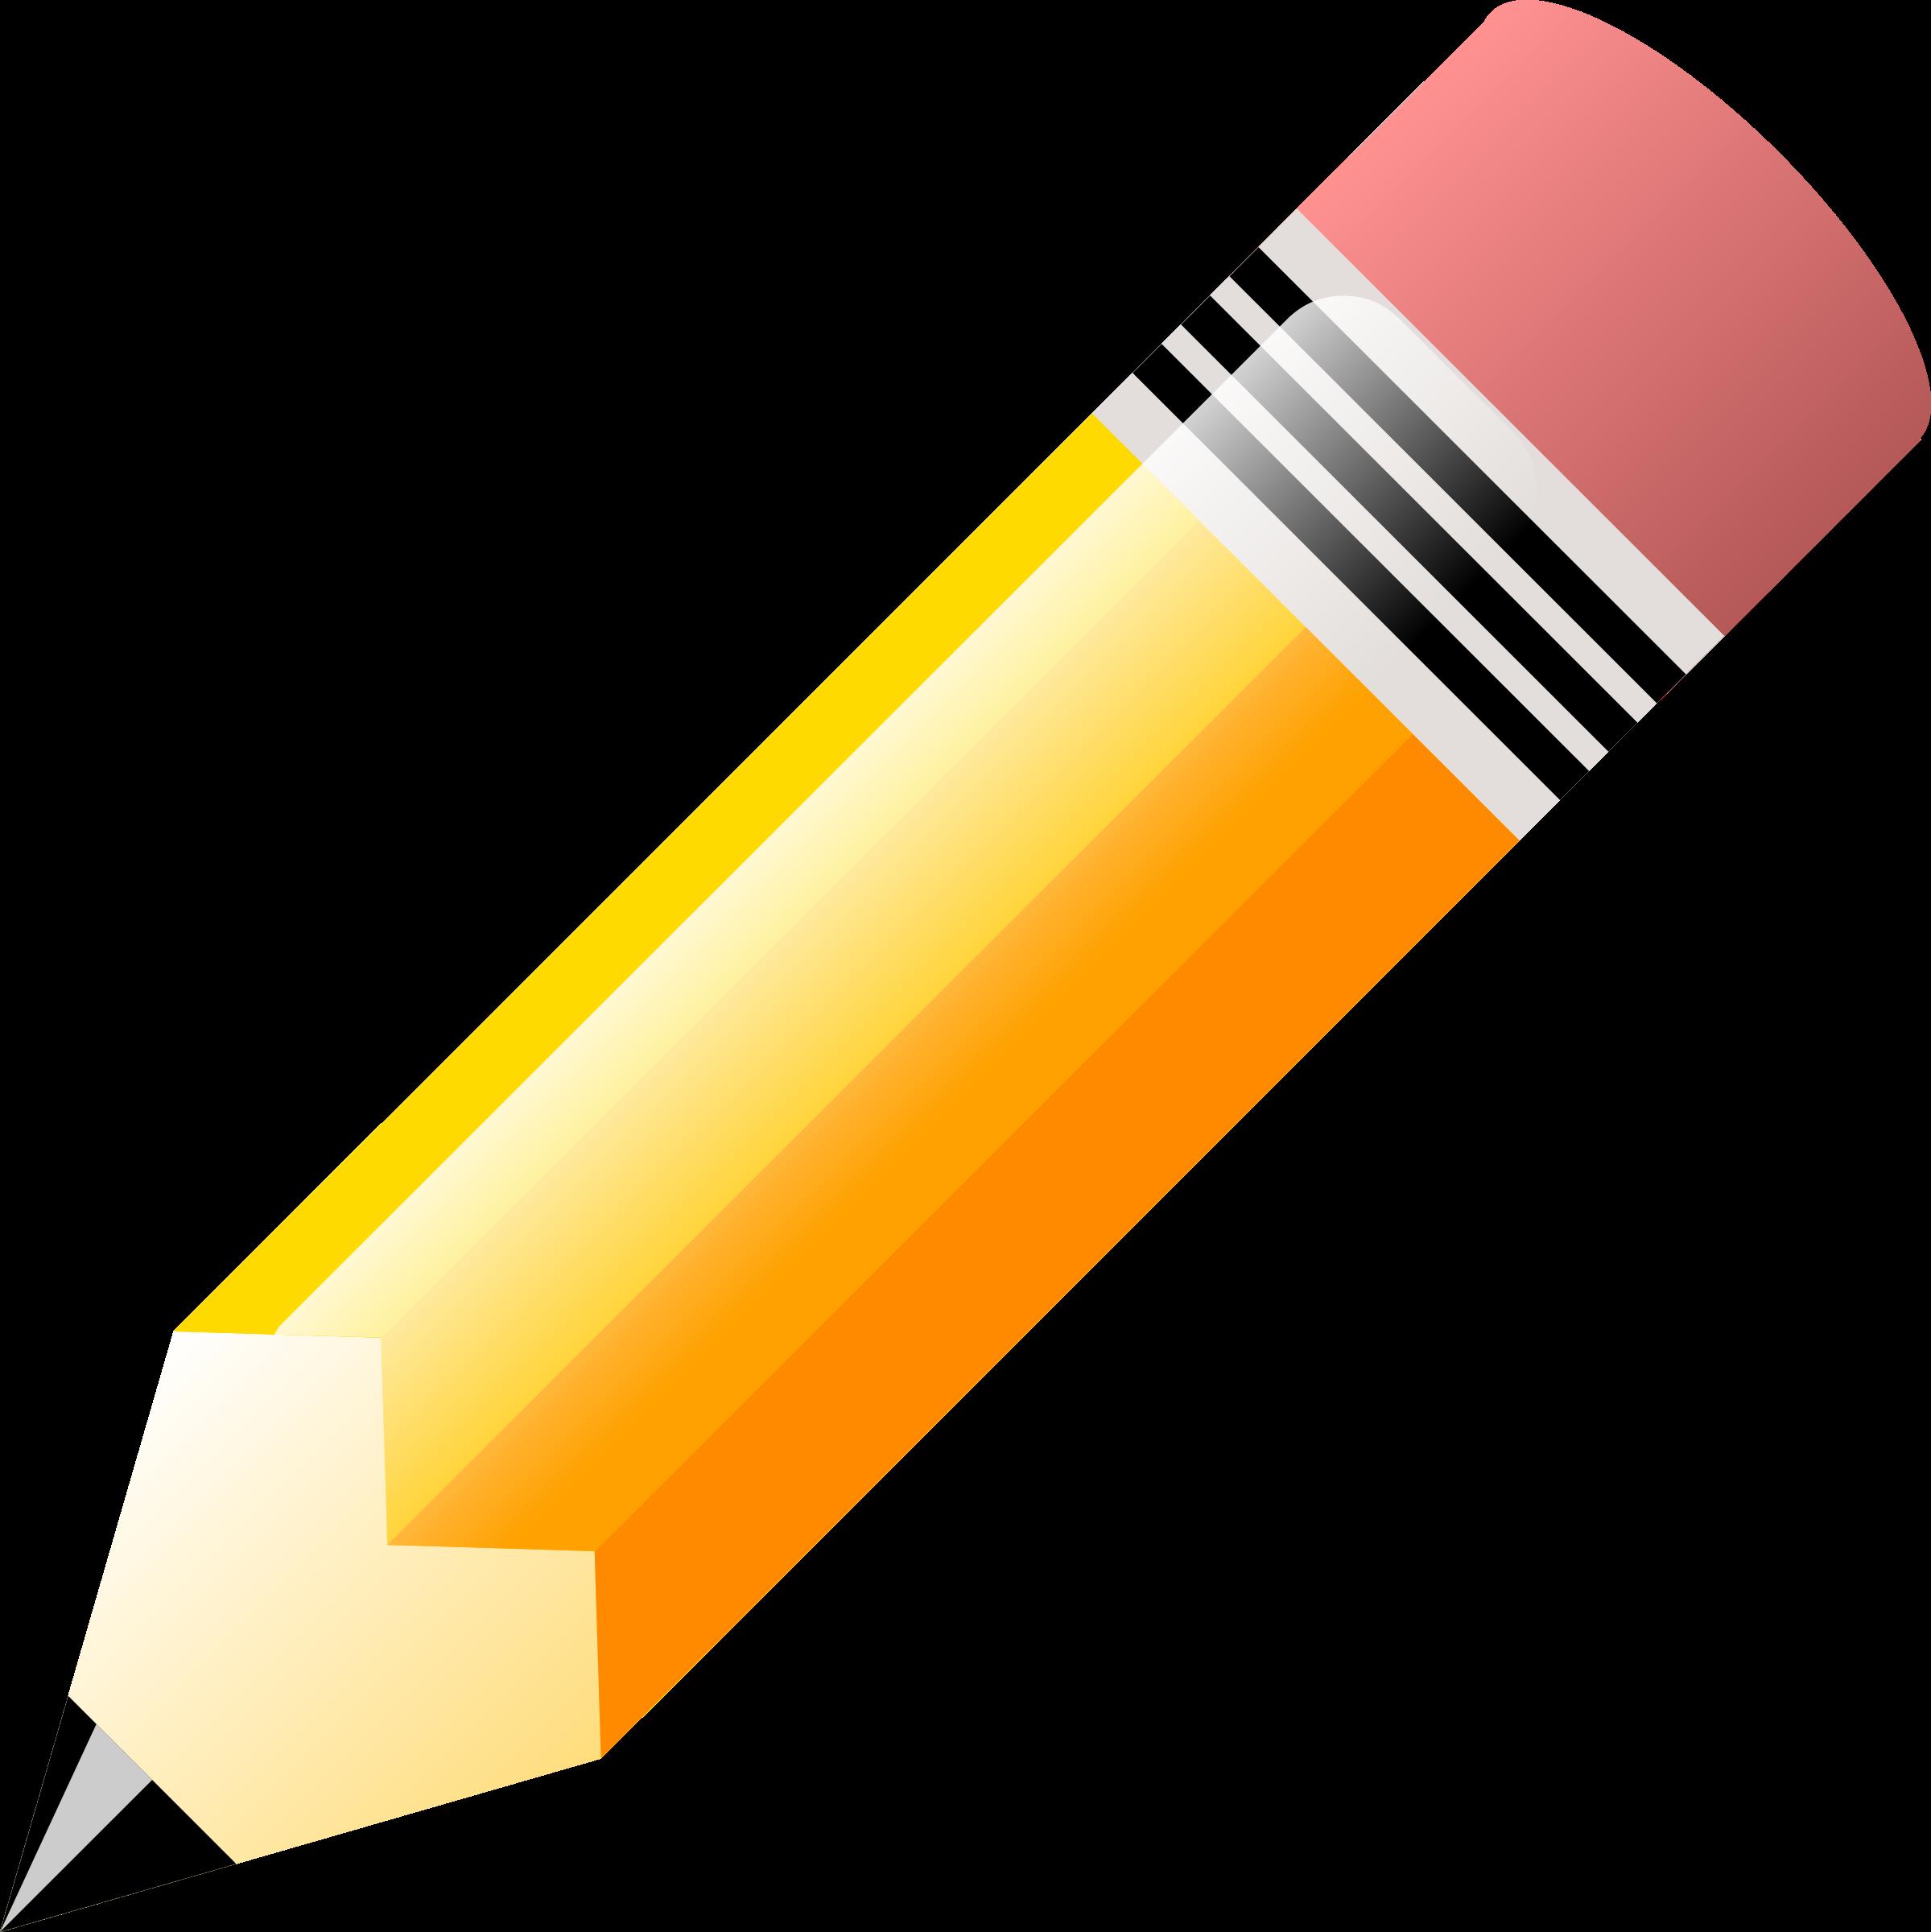 Pencil Pencil Clipart